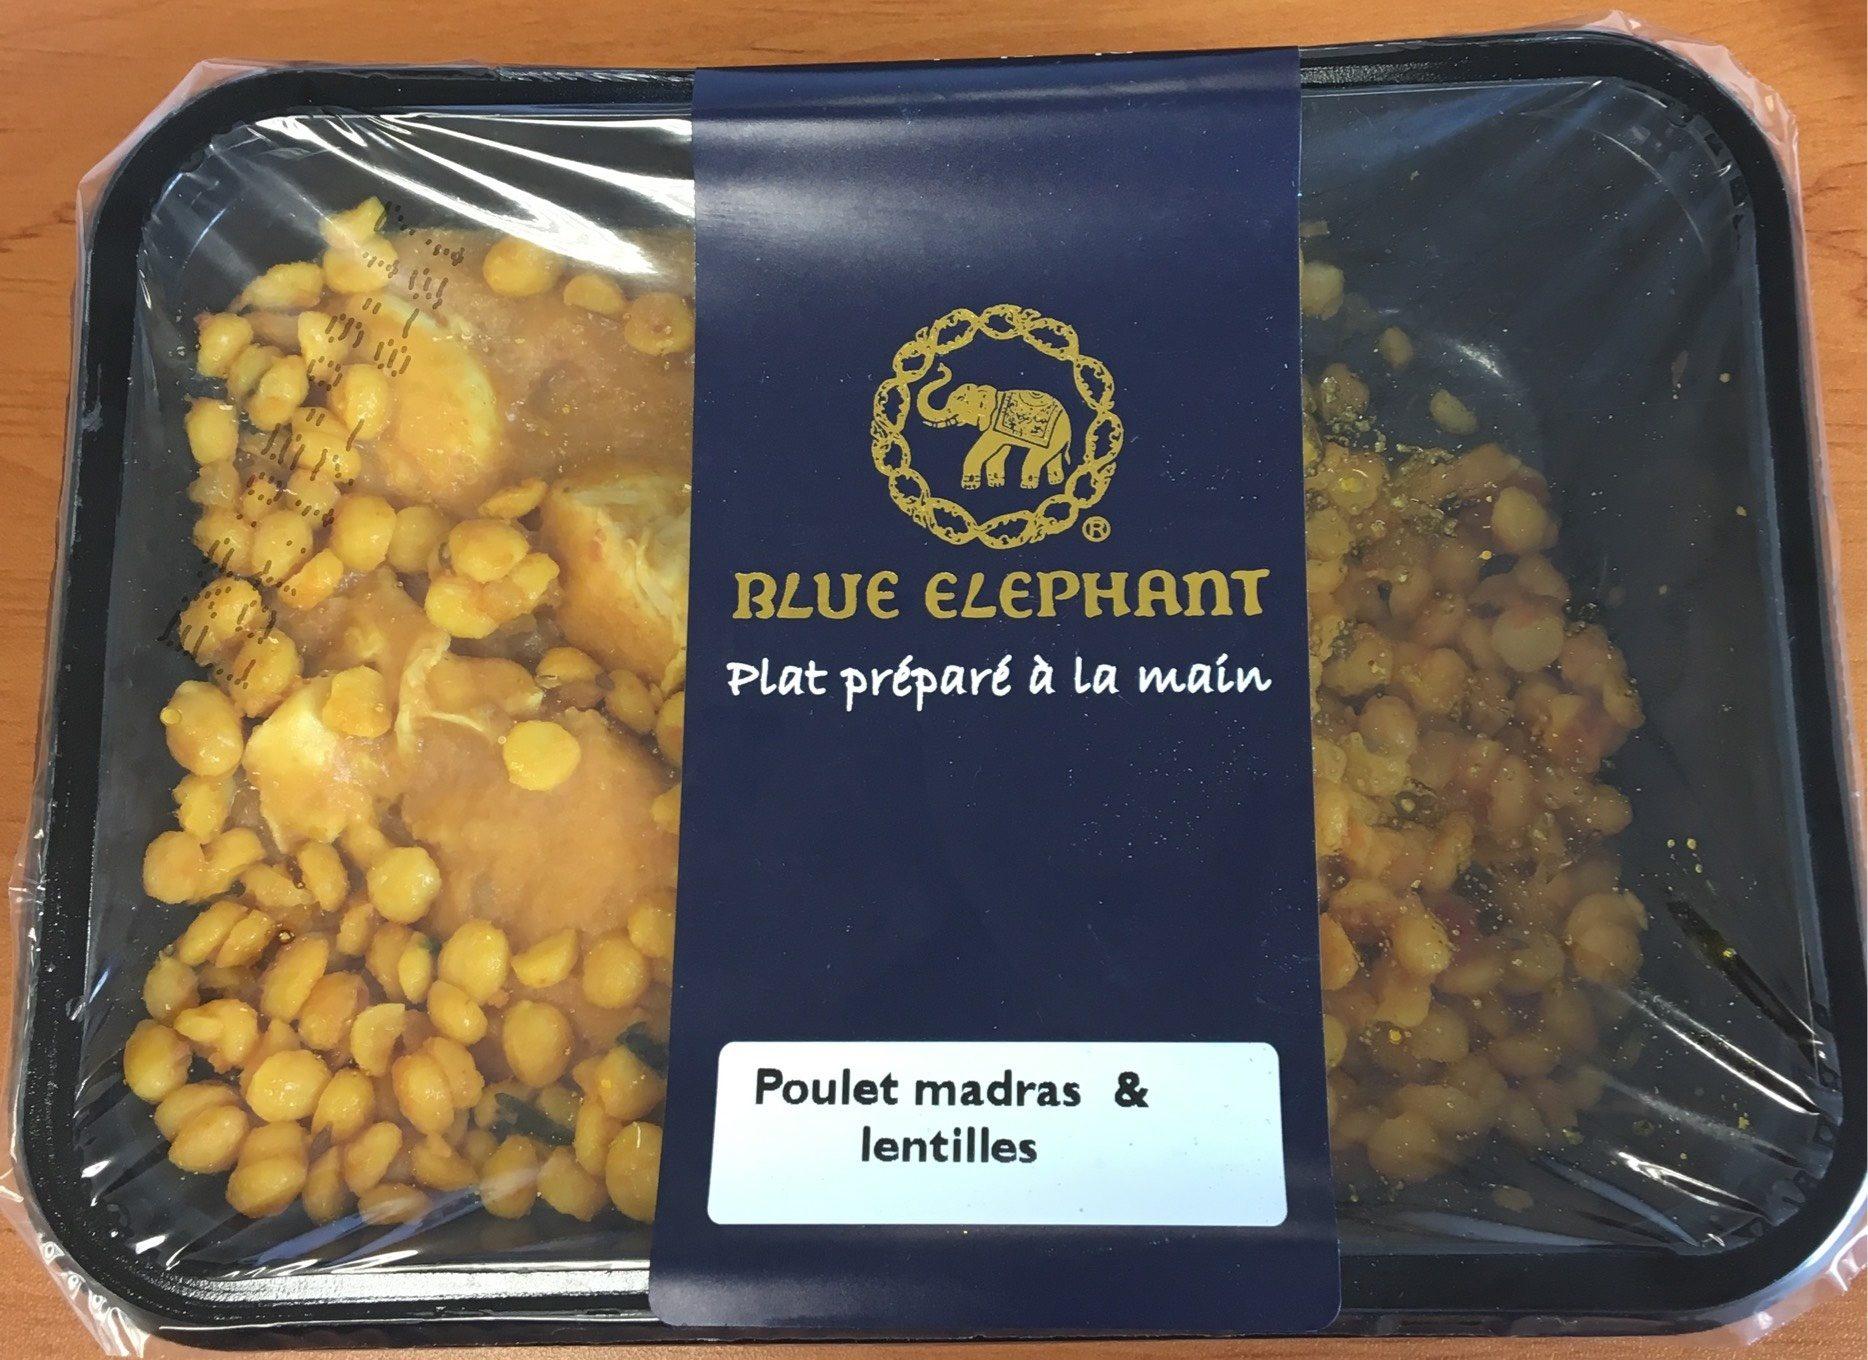 Poulet madras & lentilles - Produit - fr